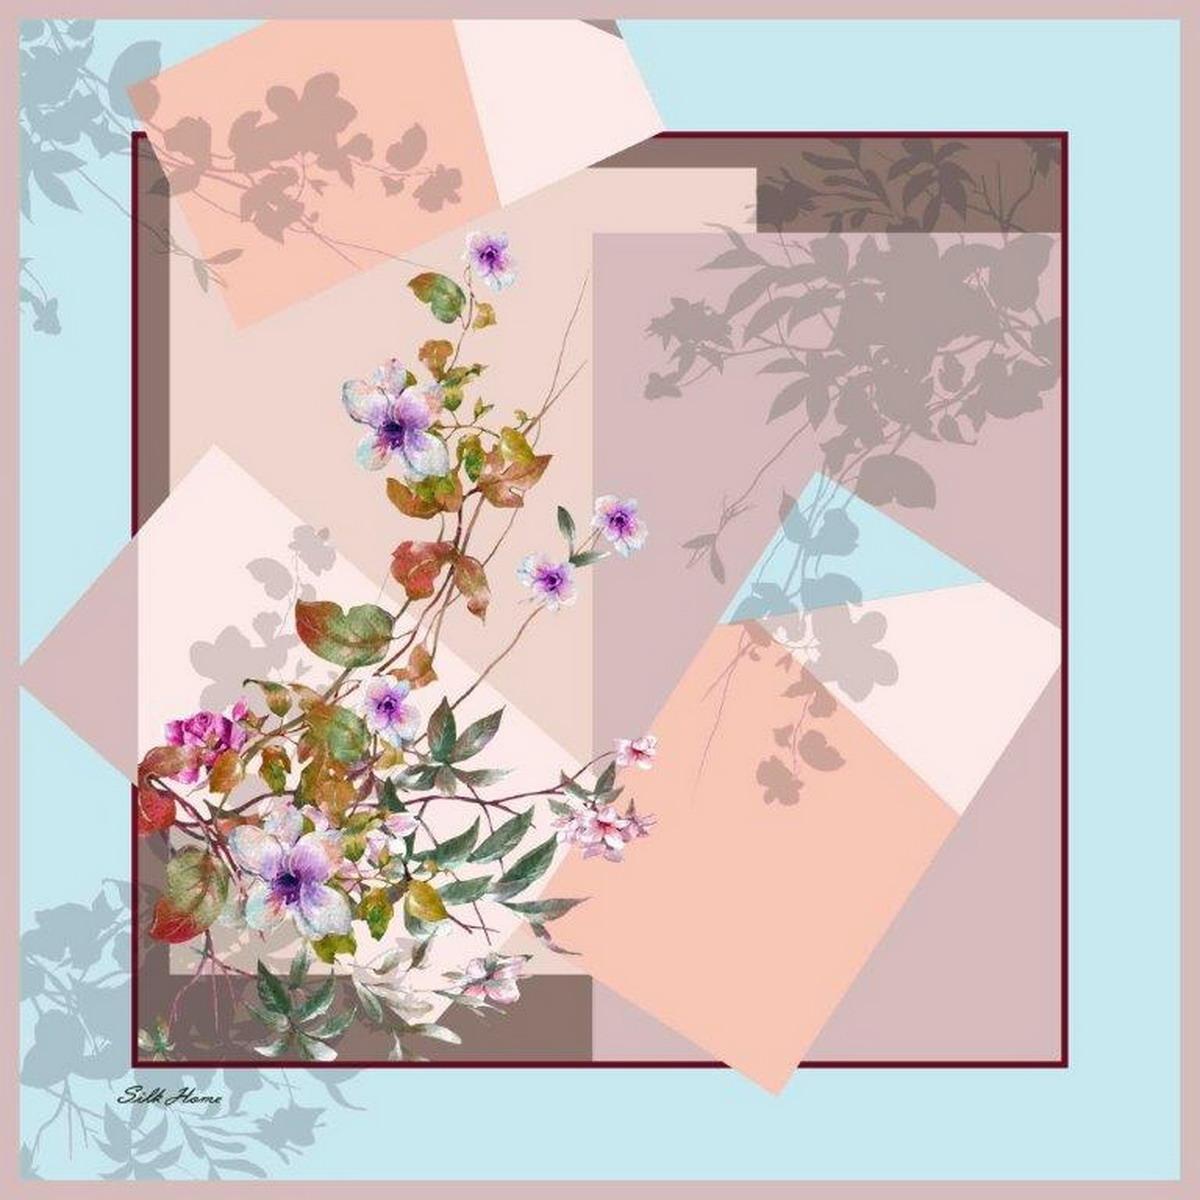 Платок женский Venera, цвет: розовый, голубой, фиолетовый. 3902627-24. Размер 90 х 90 см3902627-24Элегантный женский платок Venera изготовлен из высококачественного полиэстера приятного к телу и оформлен цветочным принтом. Такой стильный аксессуар освежит любой наряд и сделает ваш образ завершенным.